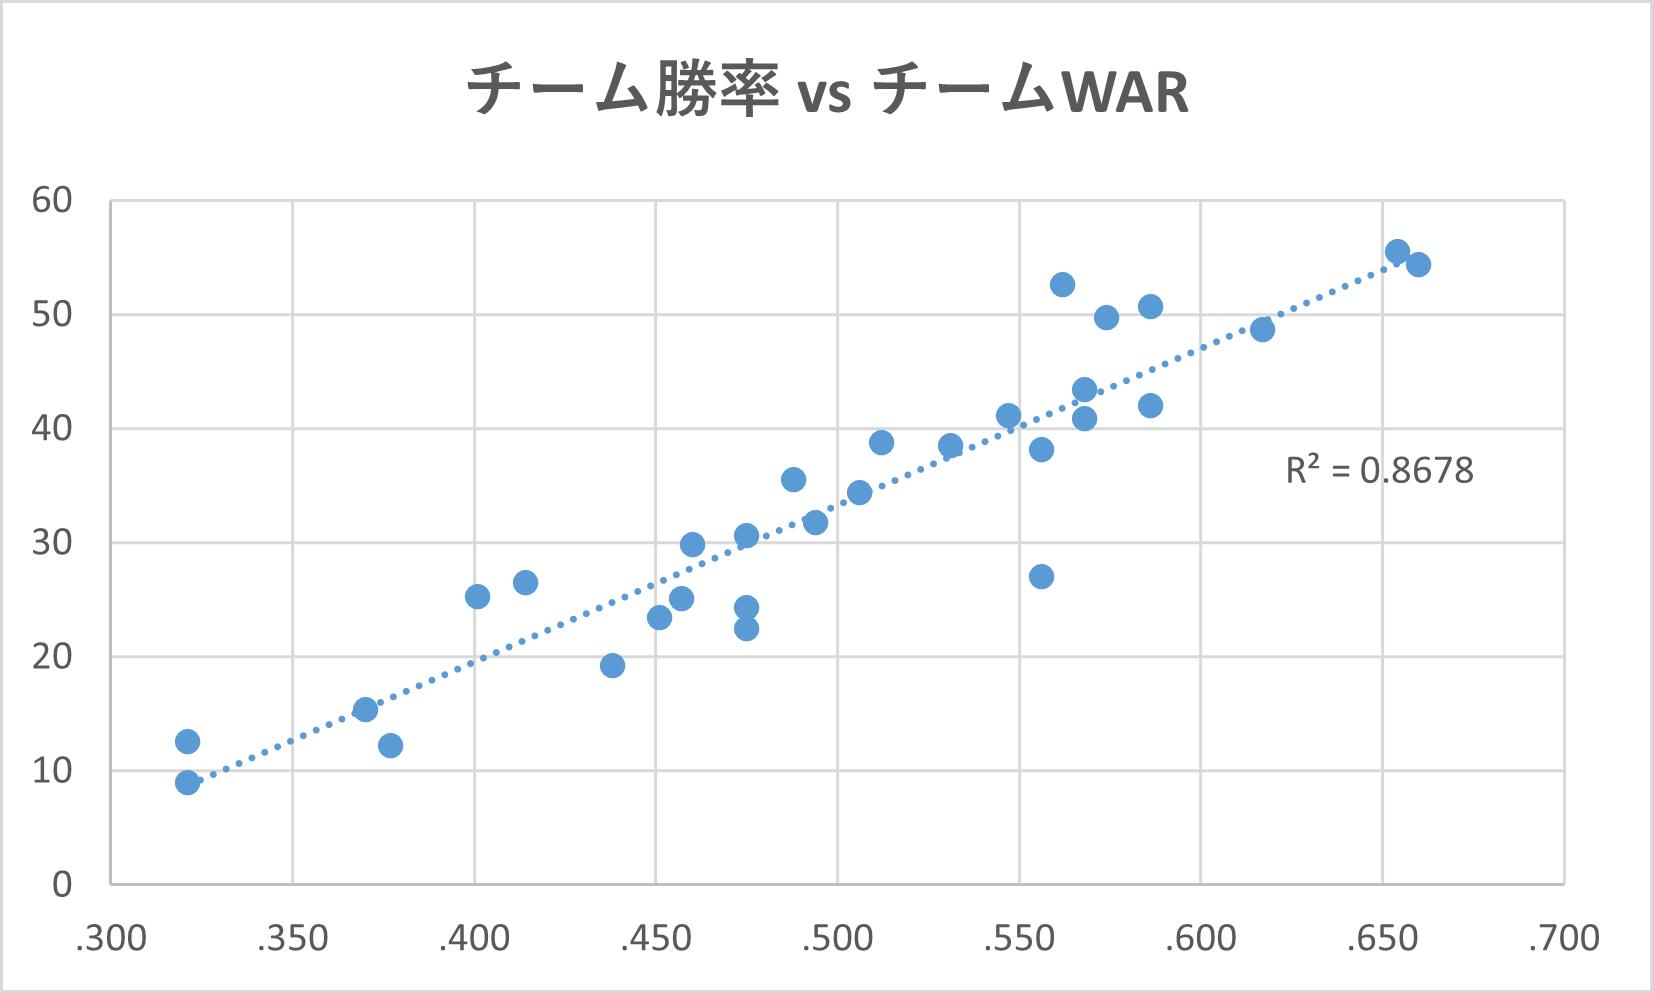 チーム勝率とチームWARの相関